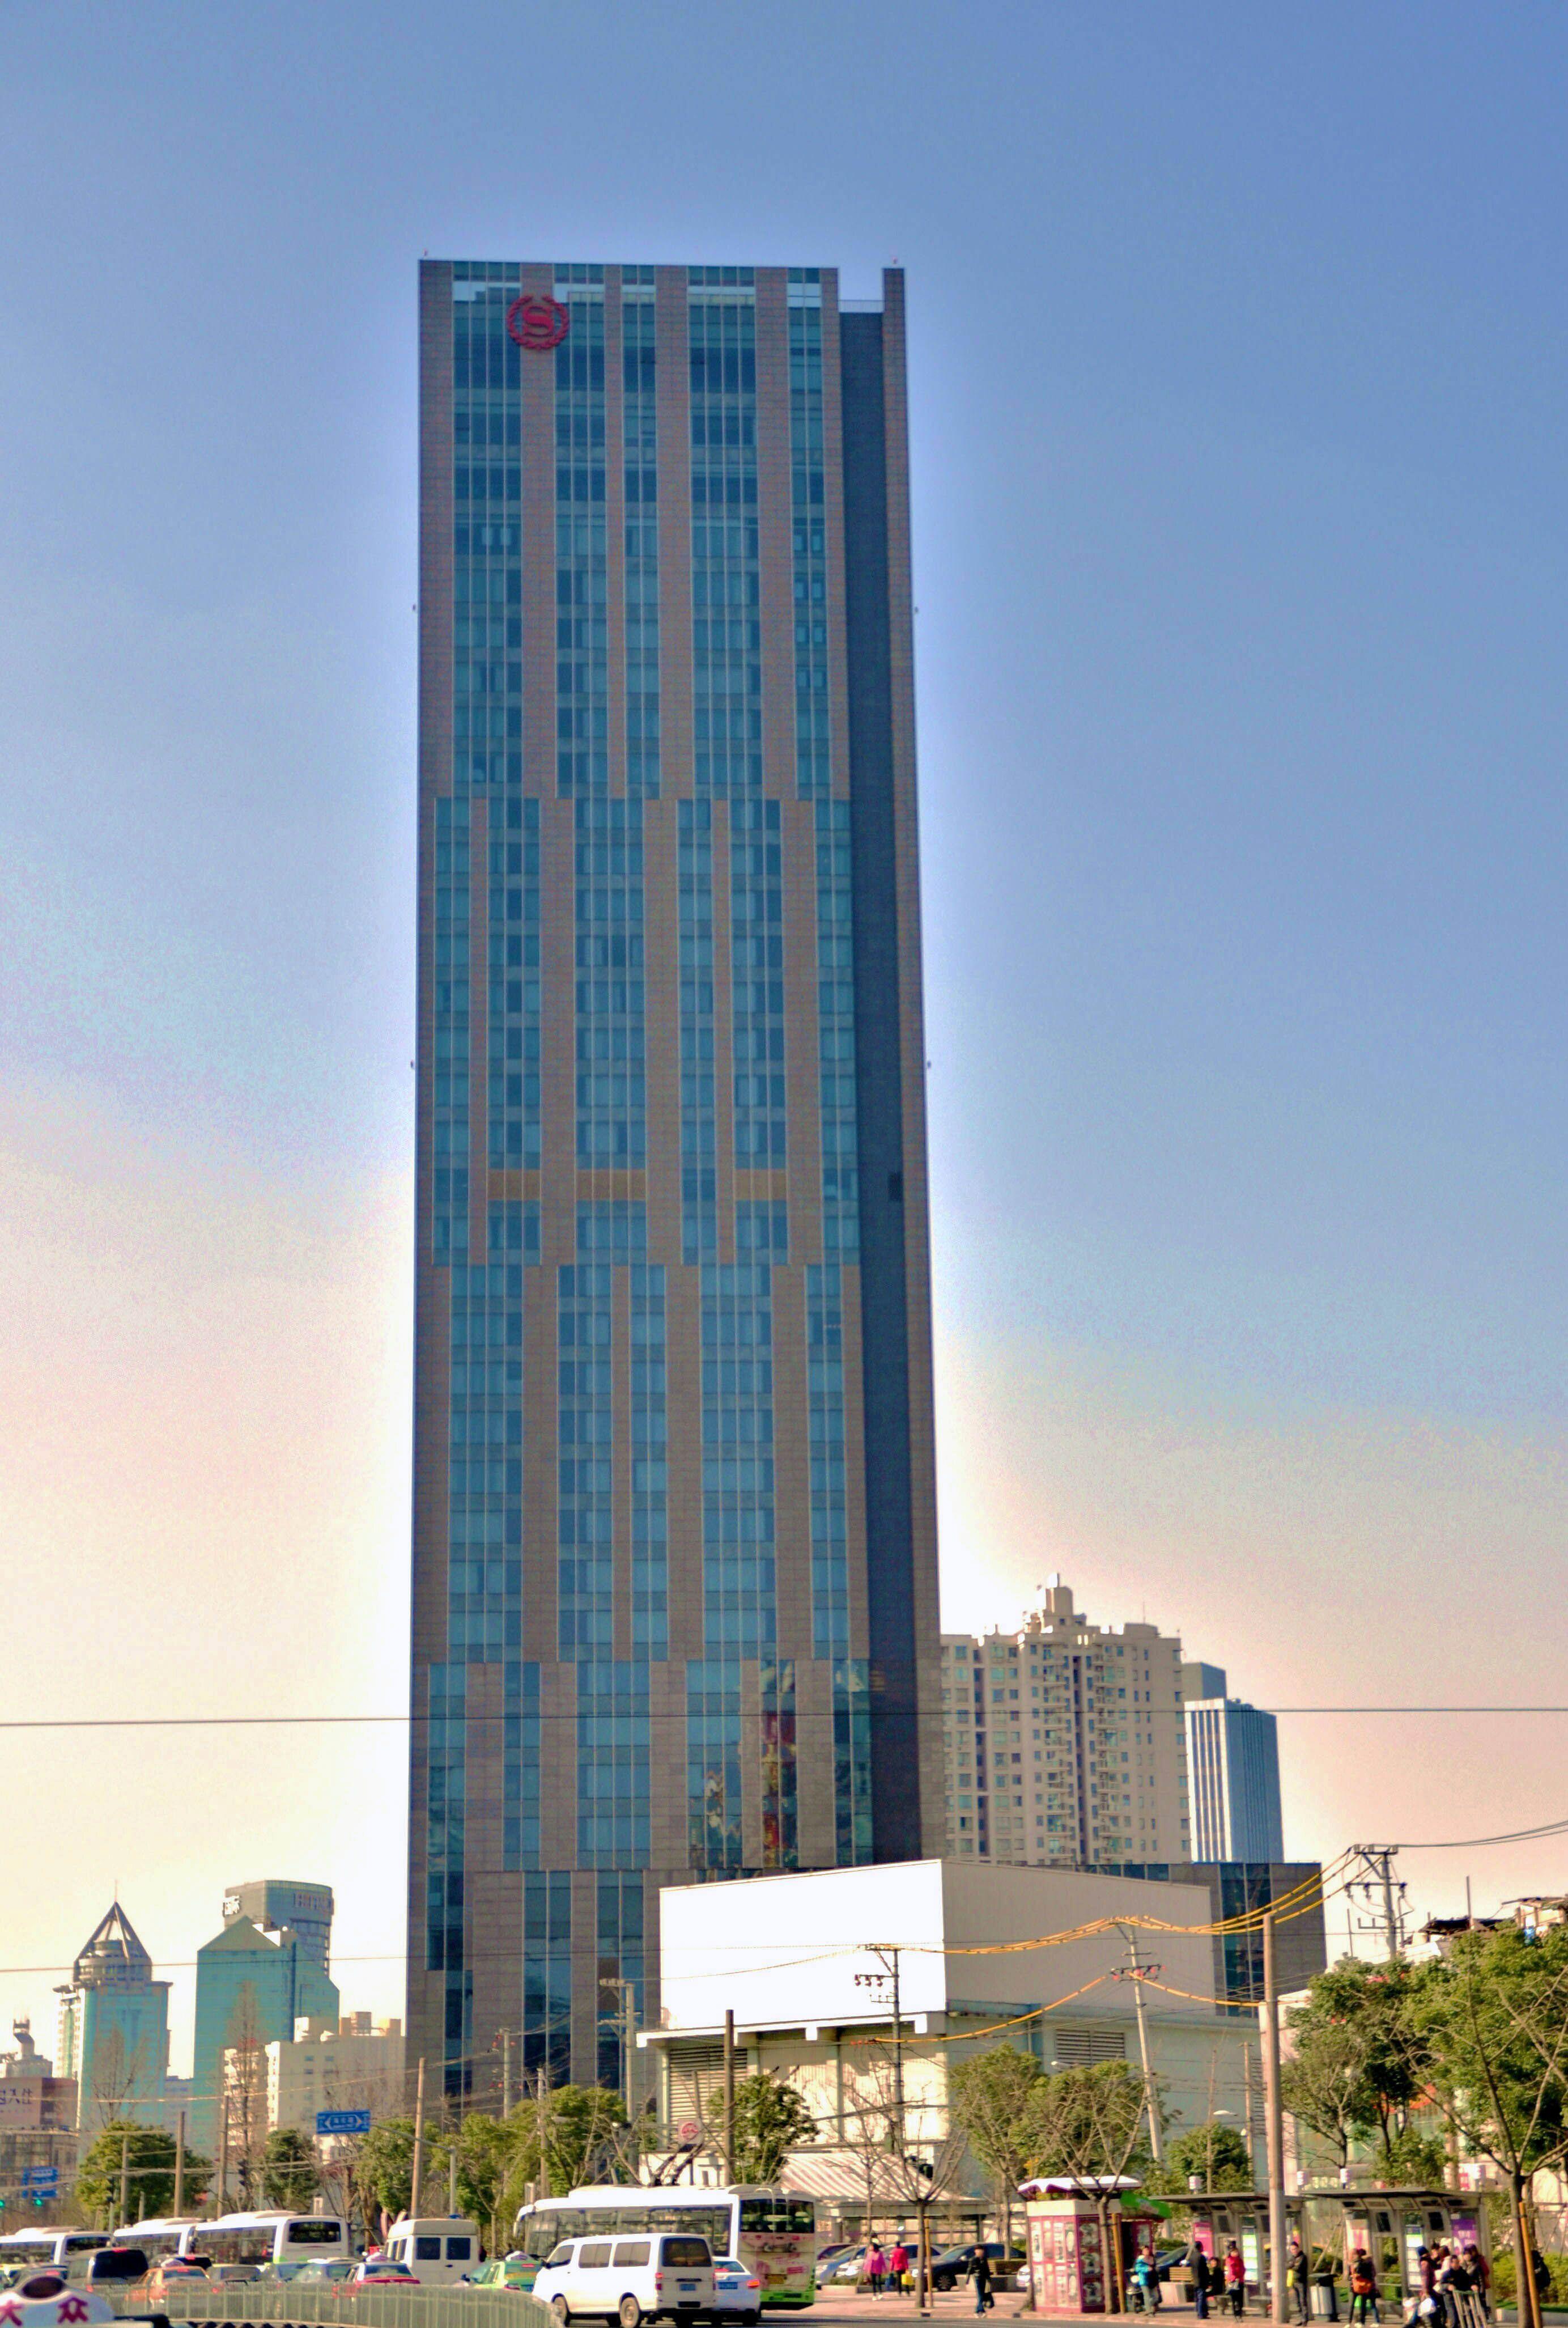 电动窗帘打造星级酒店时尚节能优质生活空间,走进喜来登酒店